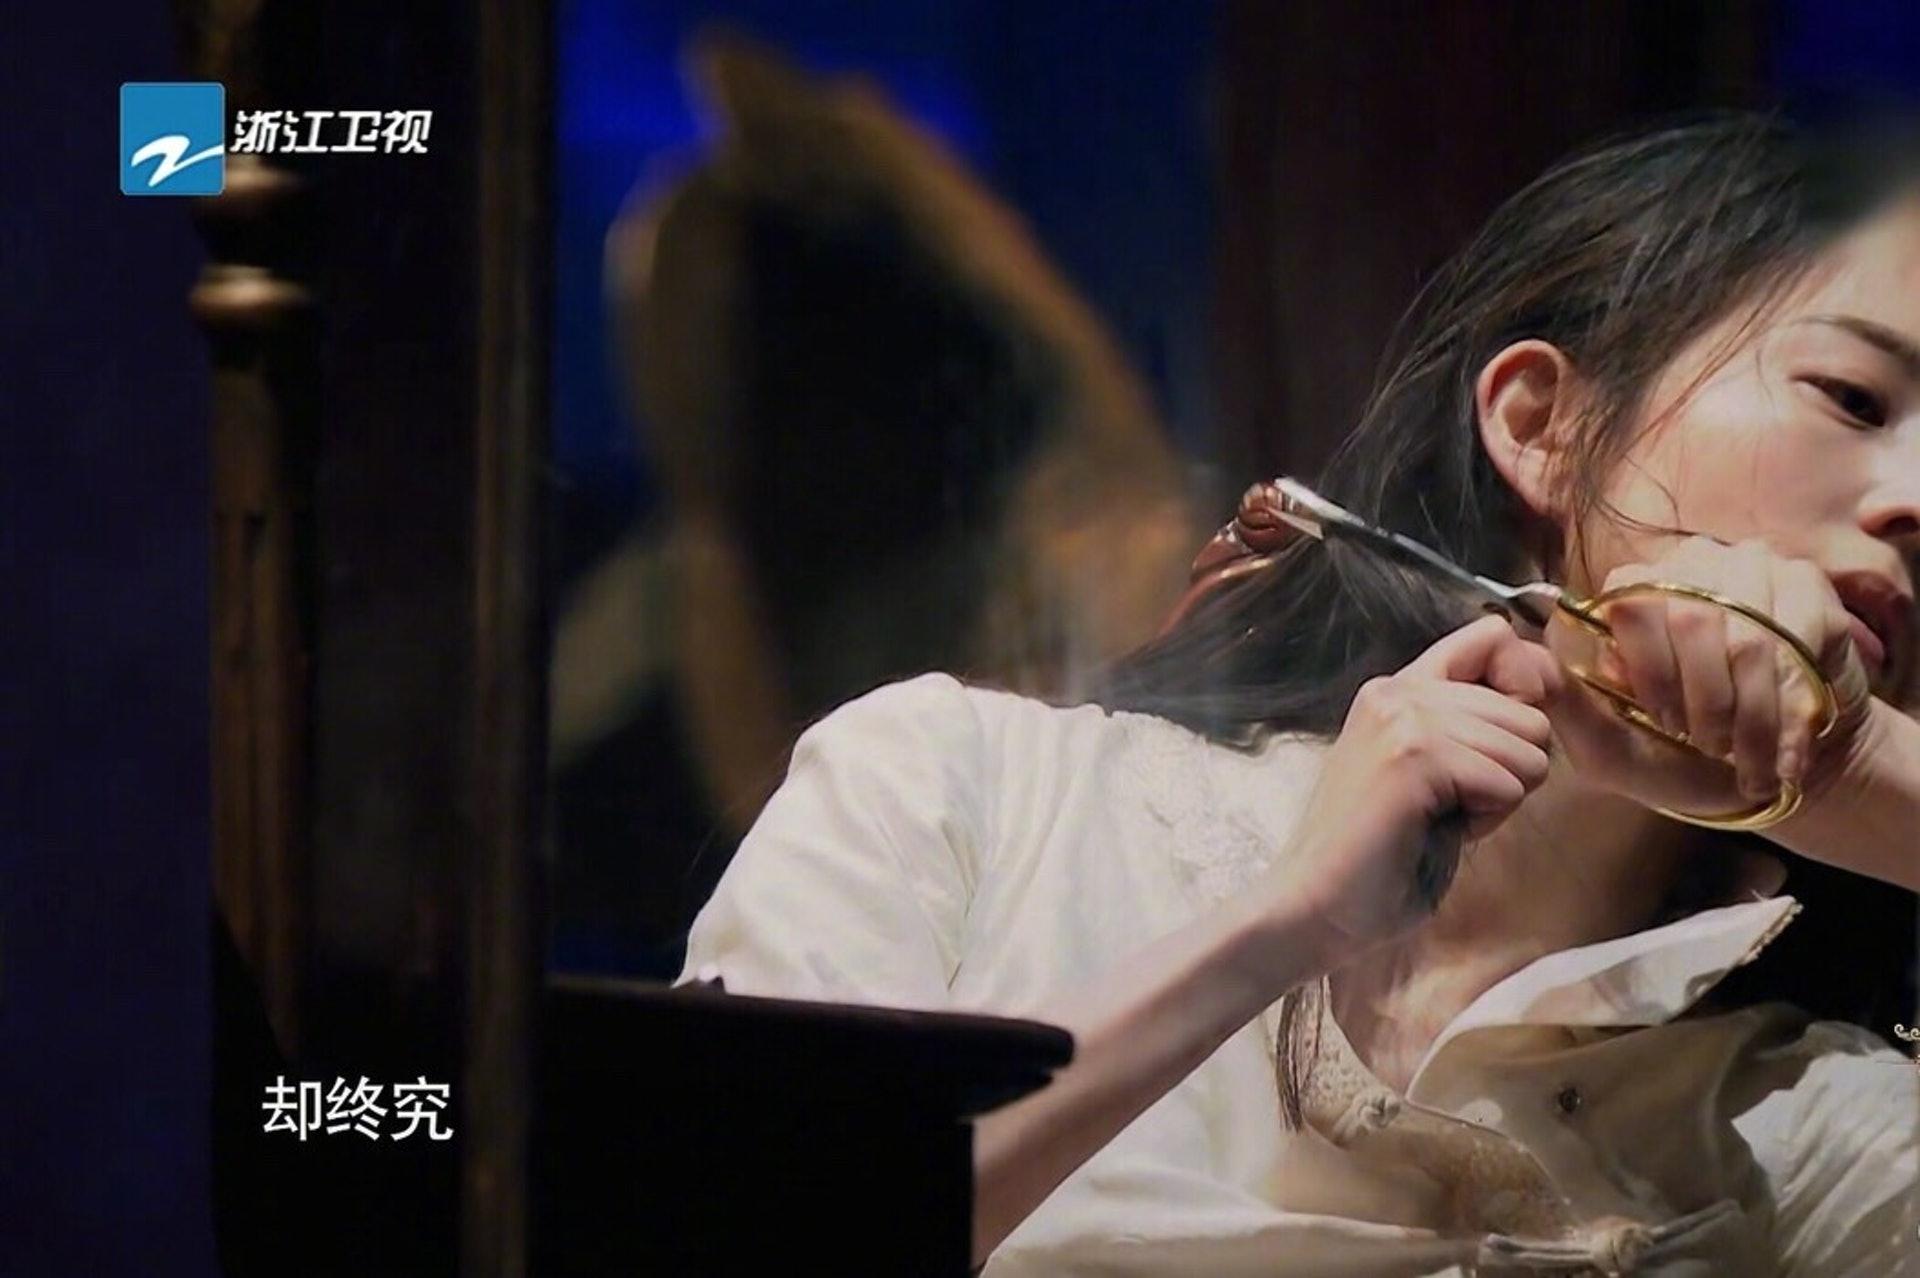 張鈞甯親剪頭髮。(網上圖片)